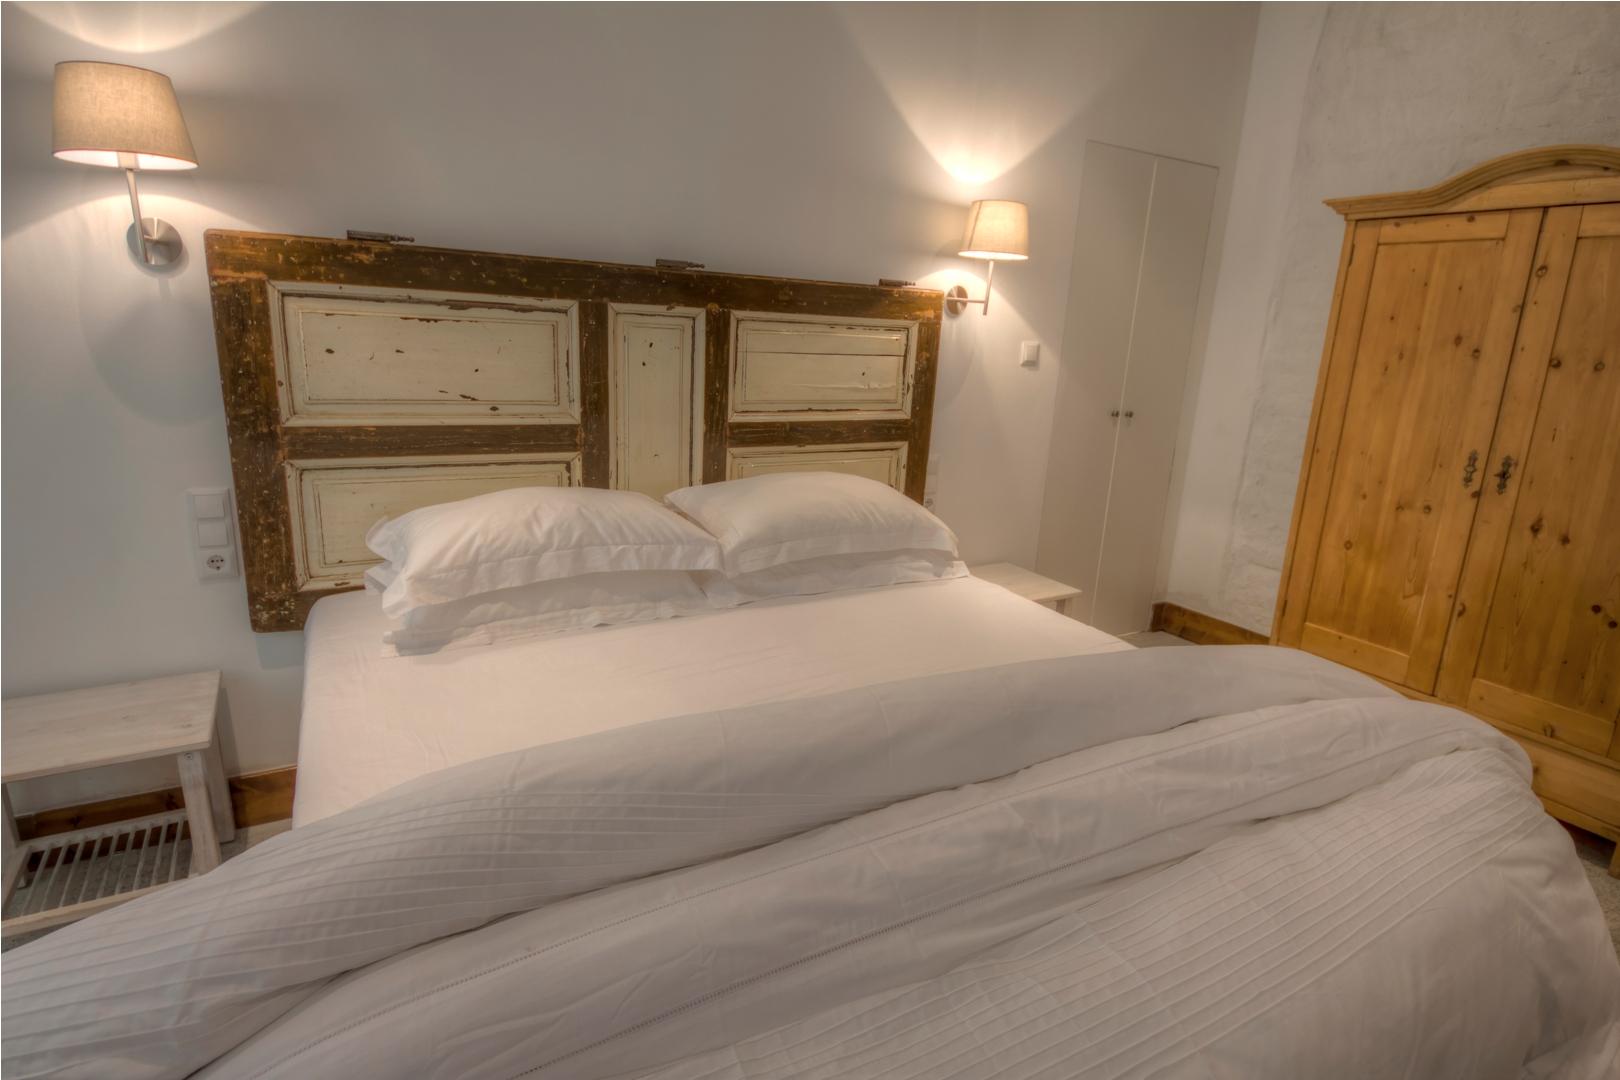 Apt23_bedroom1.jpg